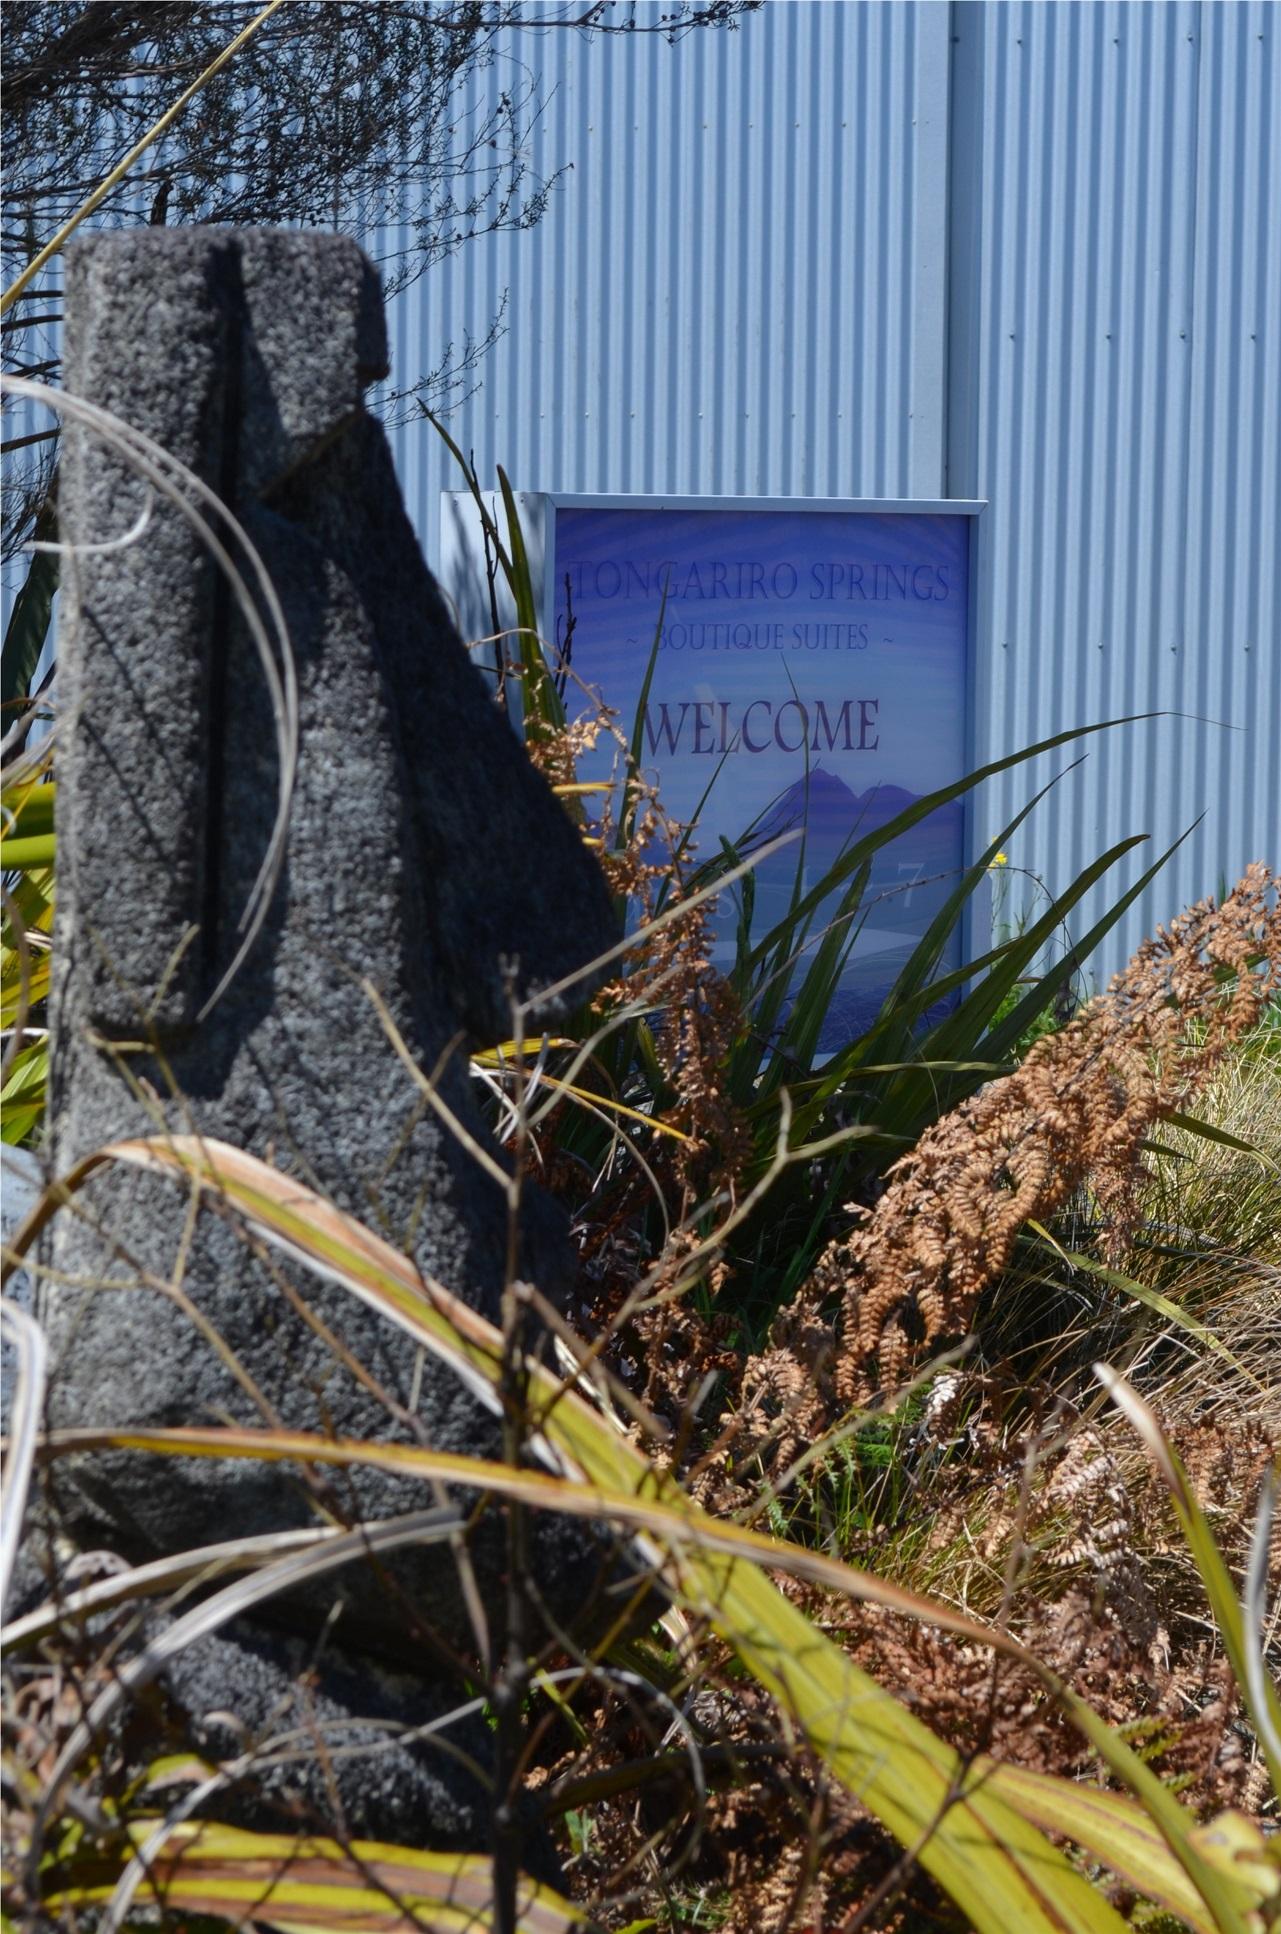 Tongariro Accommodation